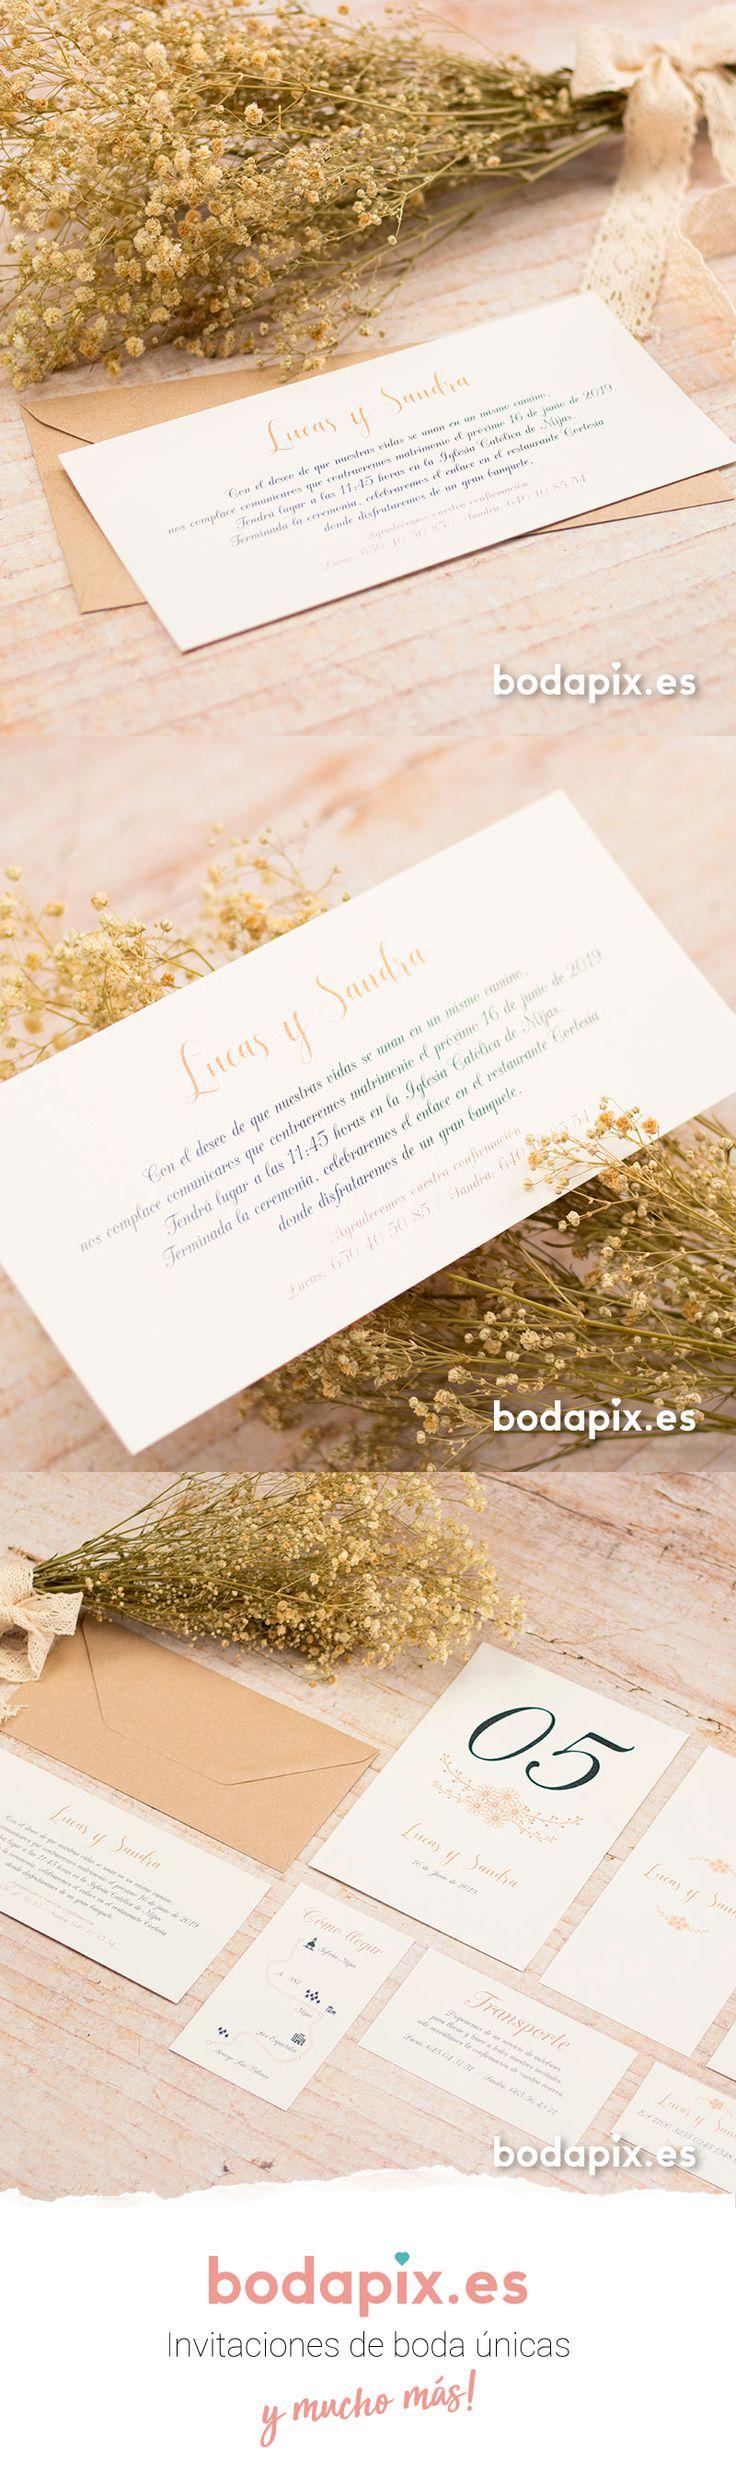 Invitación de boda floral ideal para bodas rústicas – Modelo Maya – Colección Bodapix #bodapix #bodas #invitaciones #wedding #weddinginvitations #cards #rustic